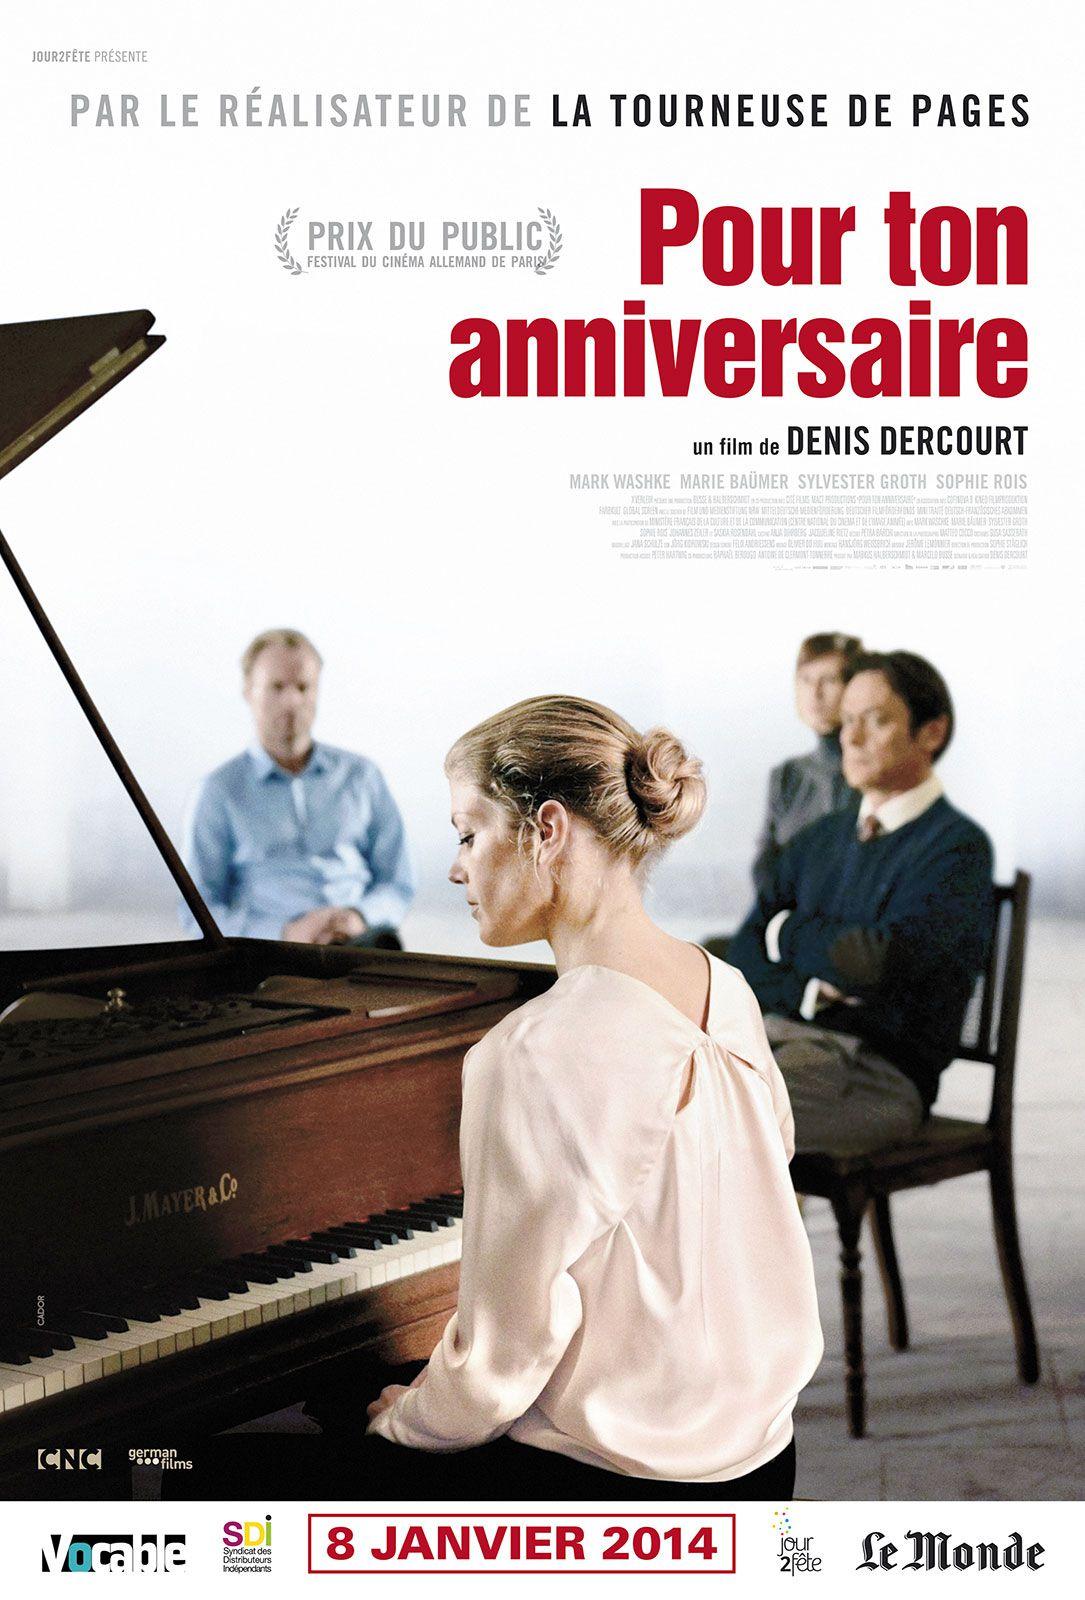 Pour ton anniversaire - Film (2013)